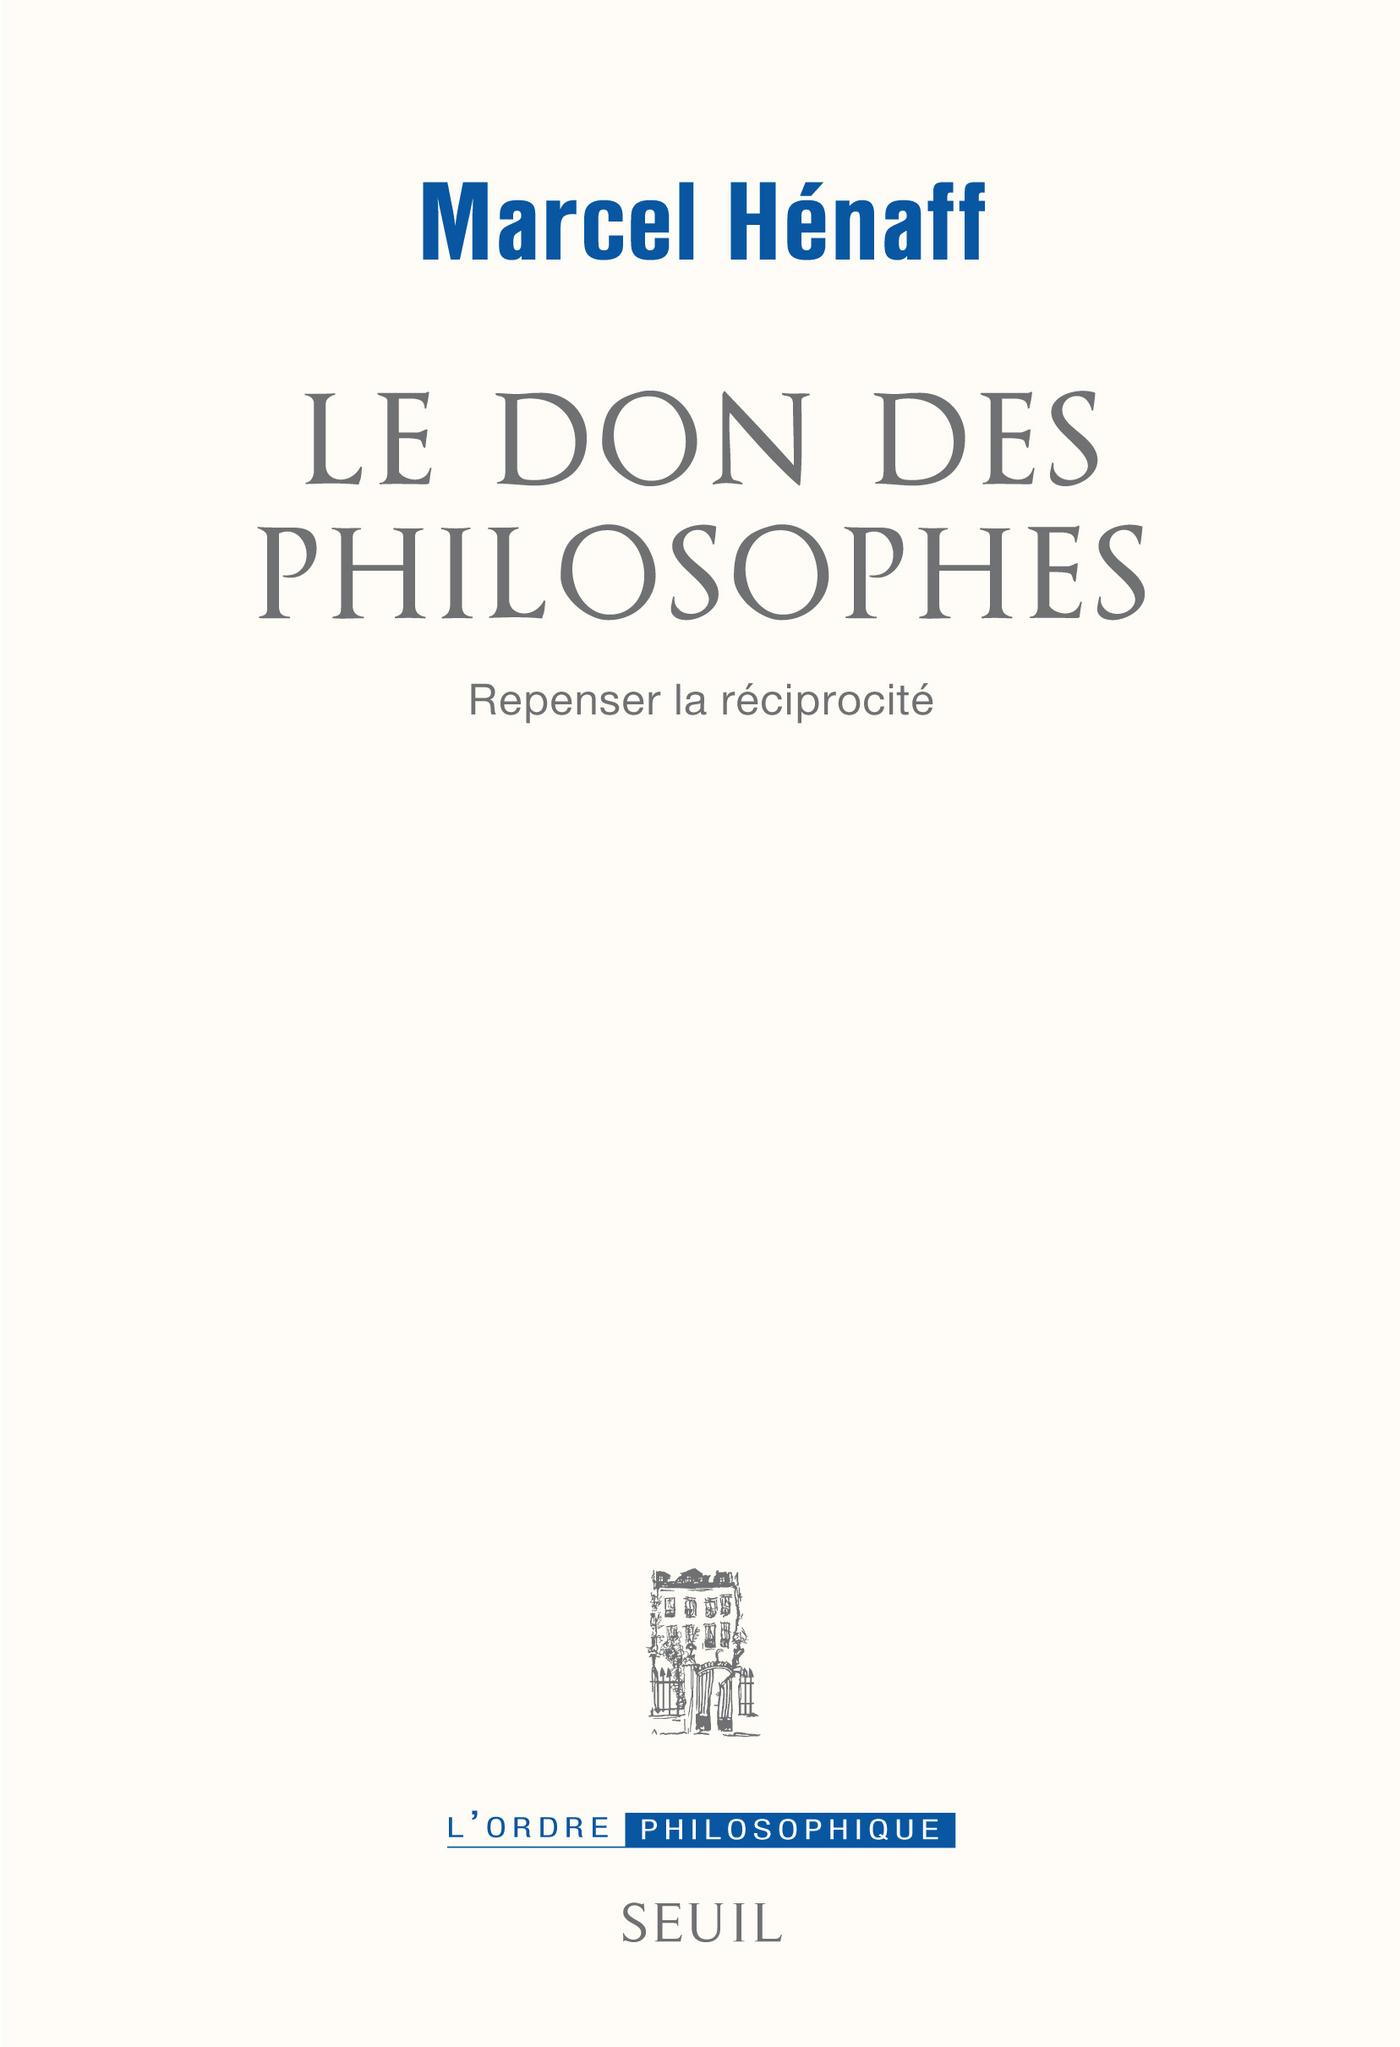 Le Don des philosophes. Repenser la réciprocité